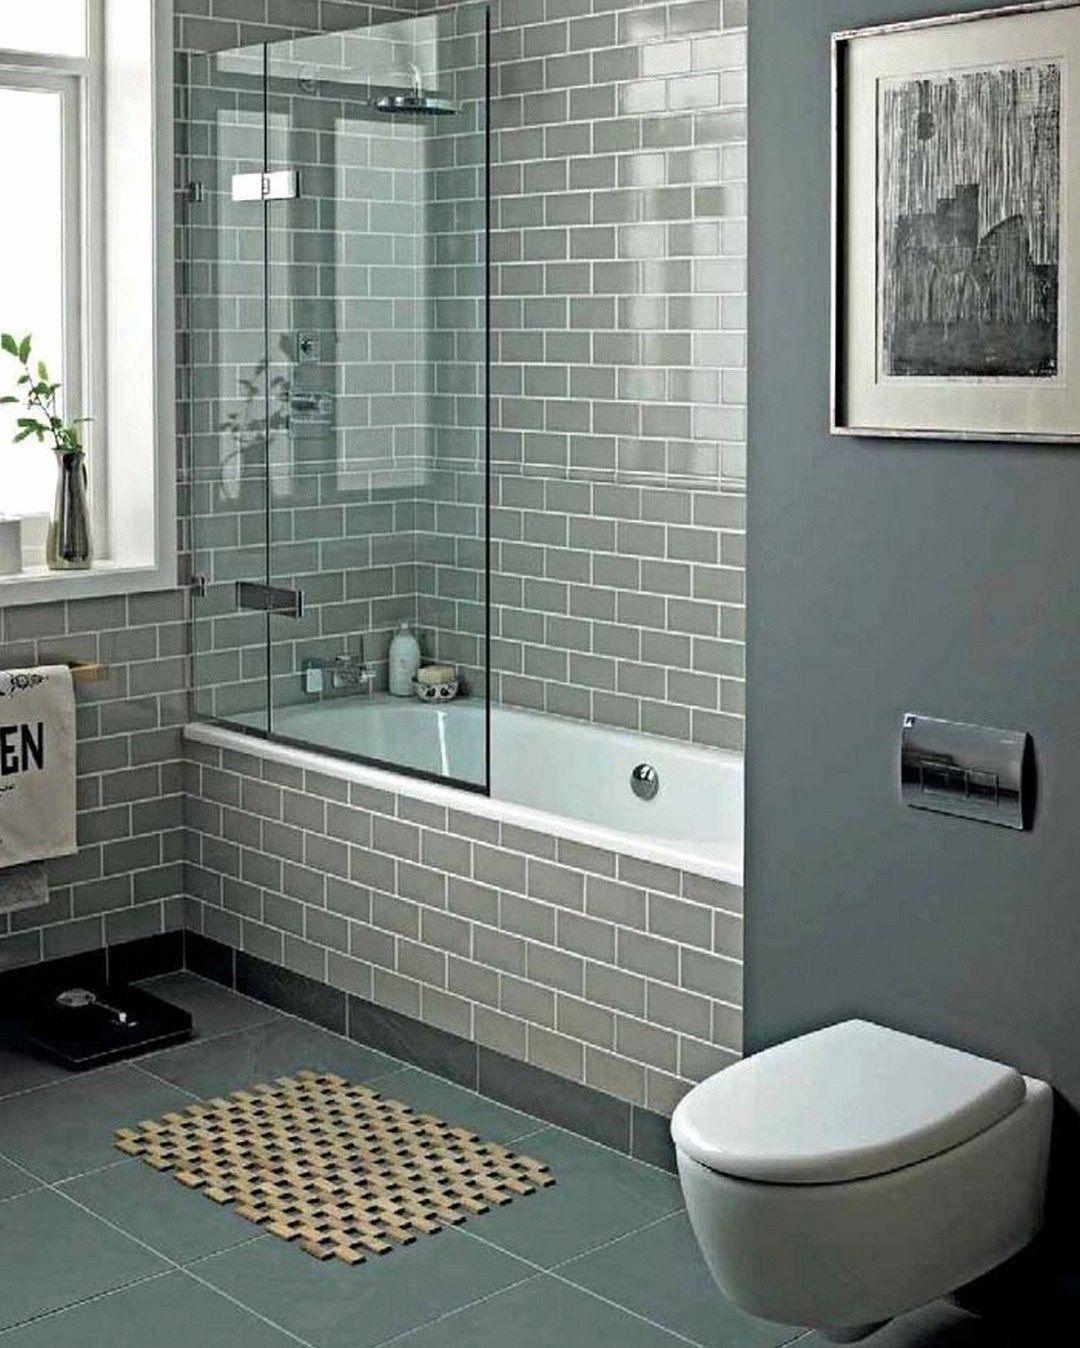 16 Bathroom Tub And Shower Ideas In 2020 Bathroom Design Small Small Bathroom With Shower Small Bathroom